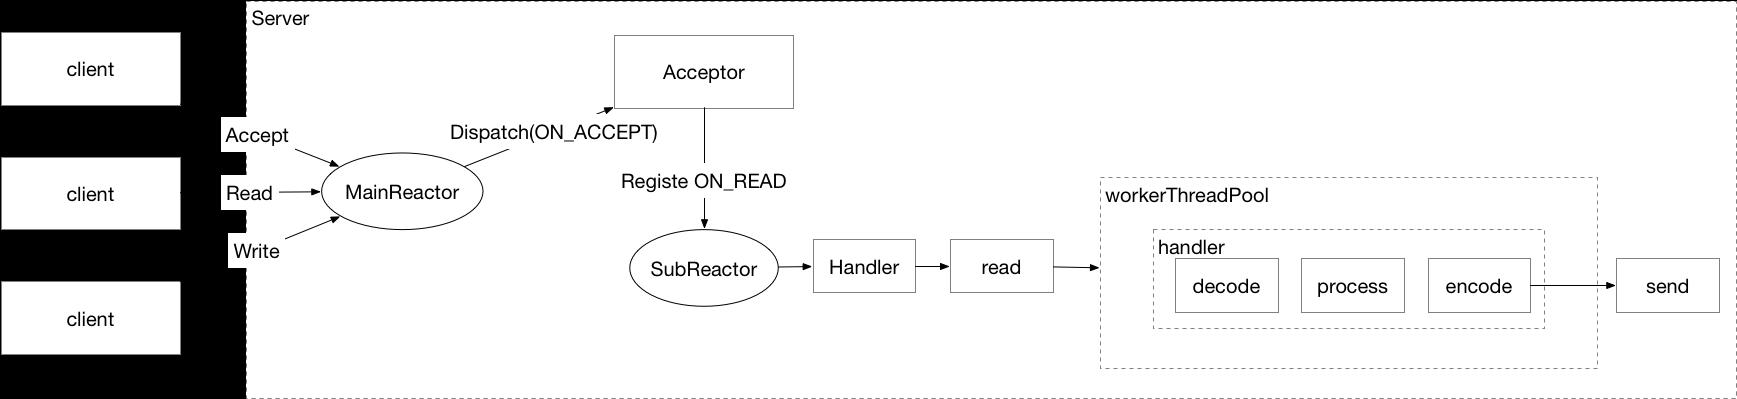 Reactor 主从.png | center | 747x172